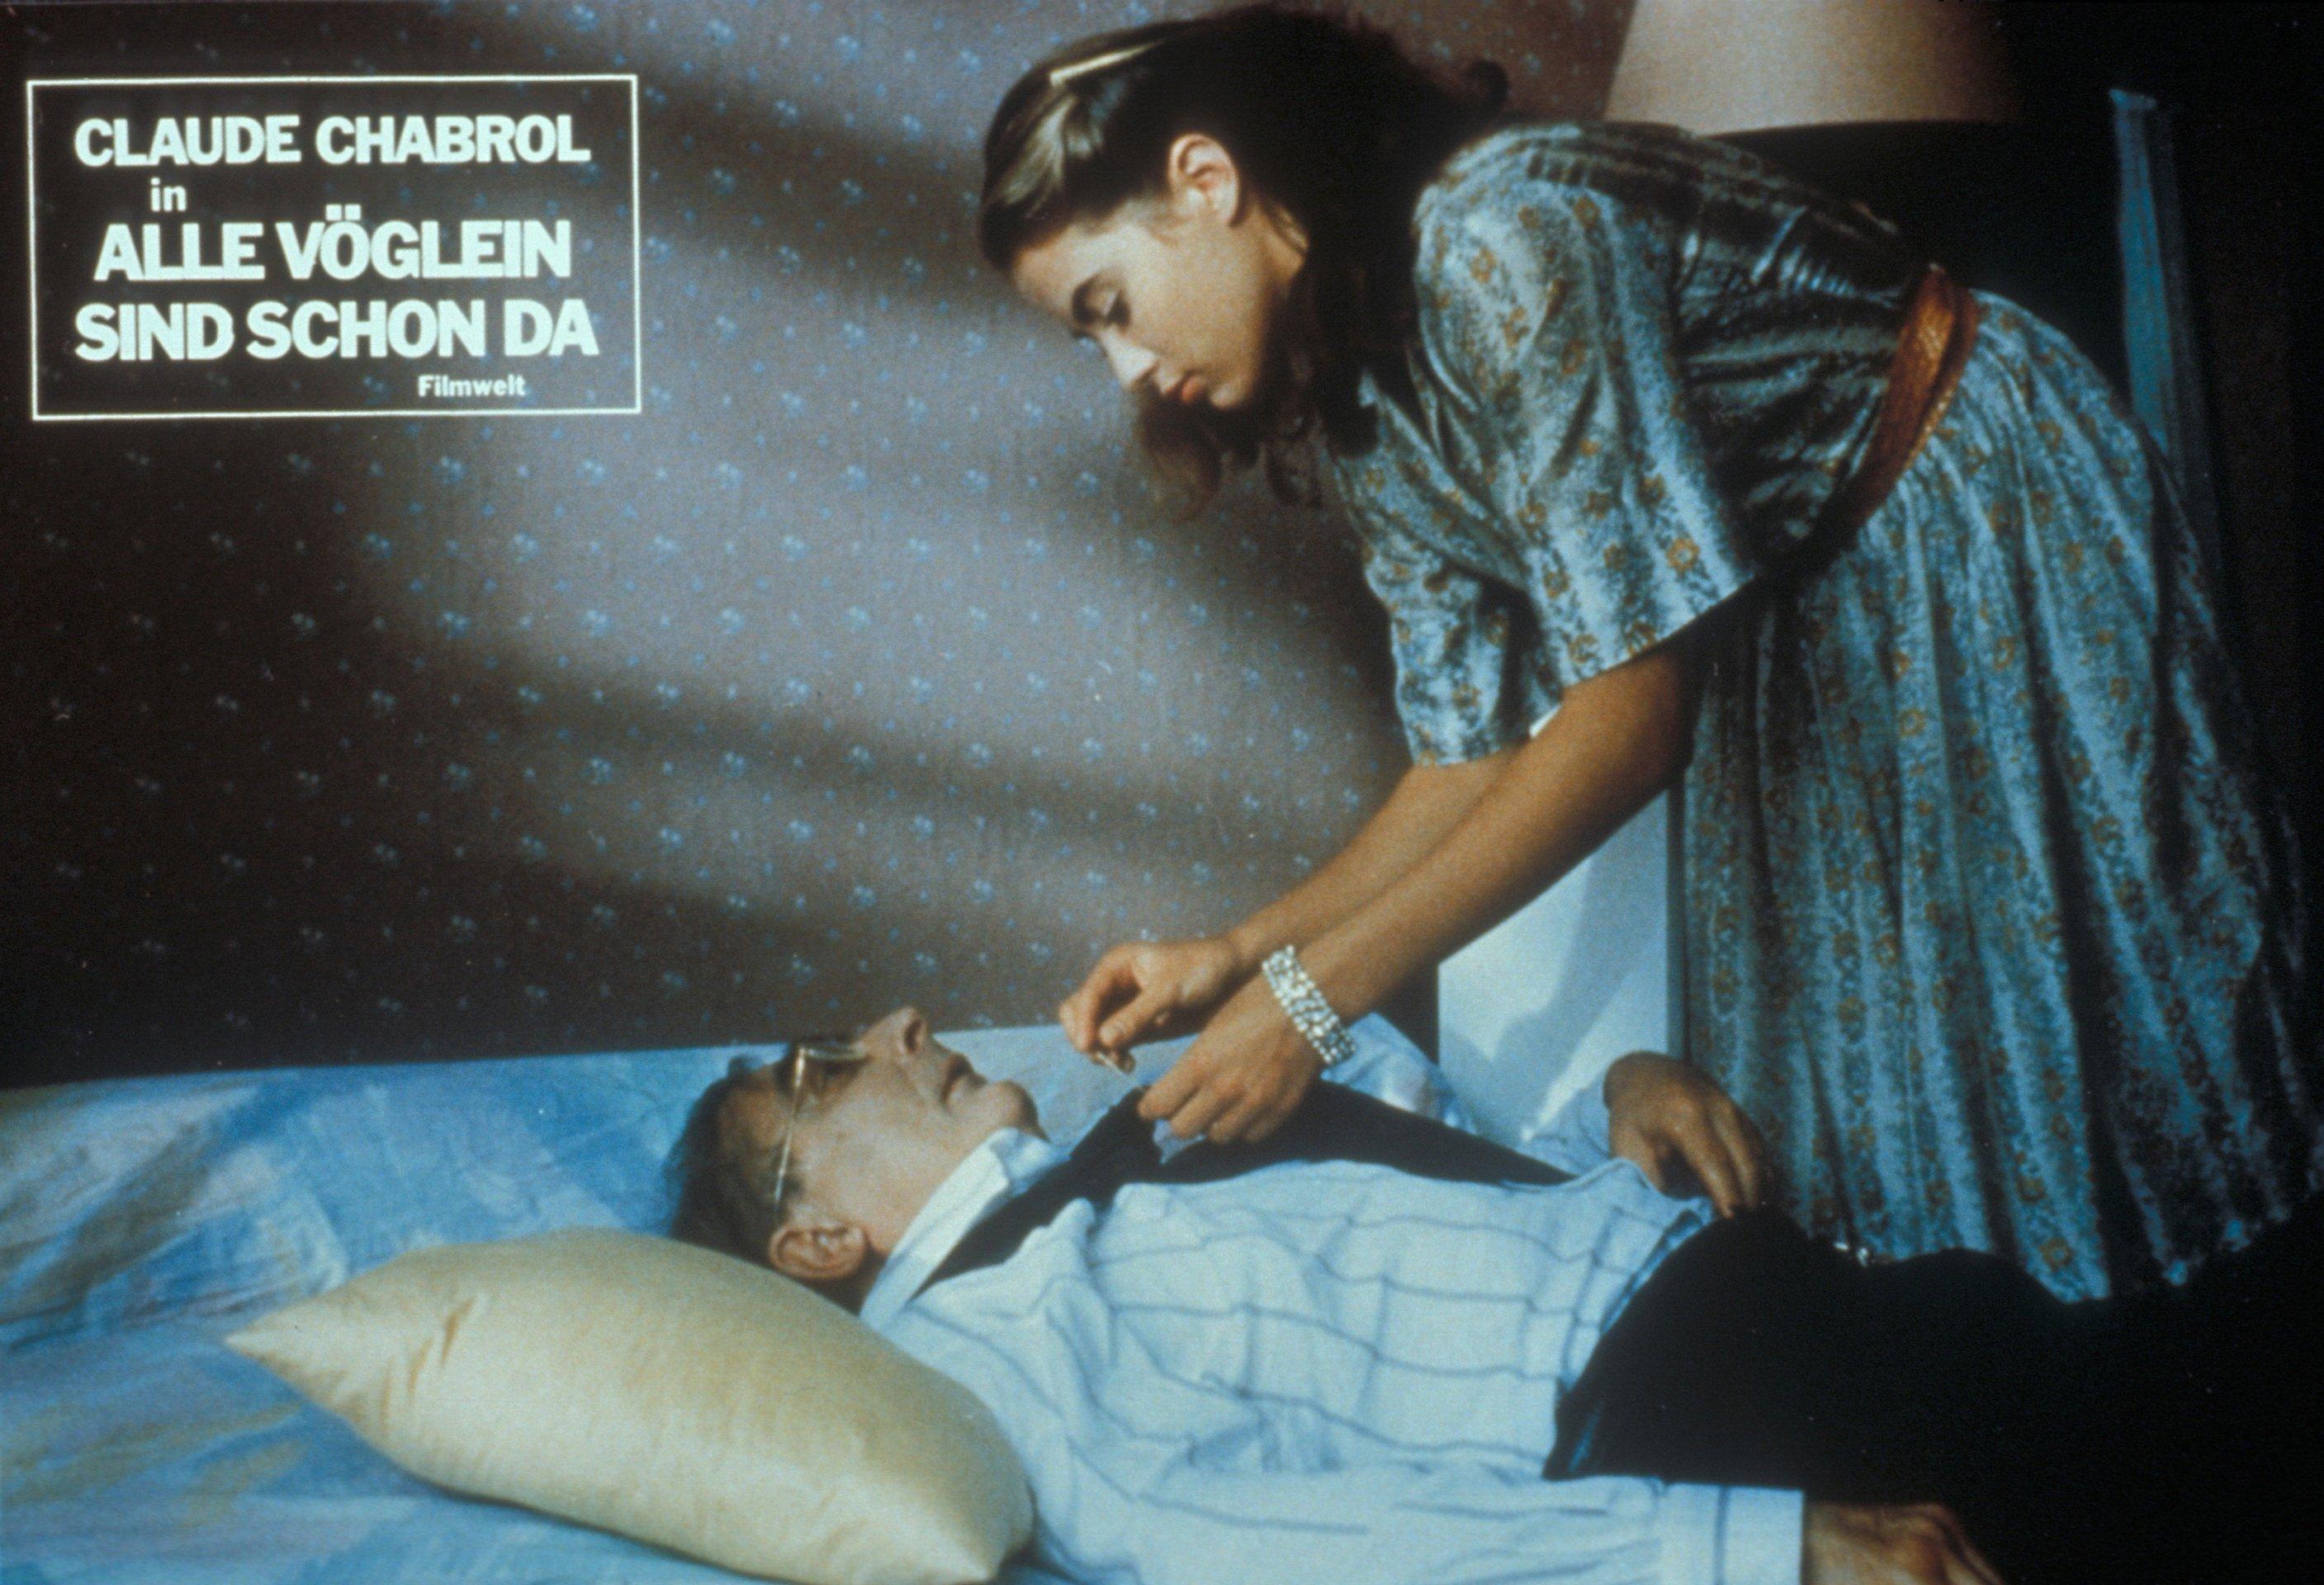 alle v glein sind schon da film 1988 trailer kritik. Black Bedroom Furniture Sets. Home Design Ideas